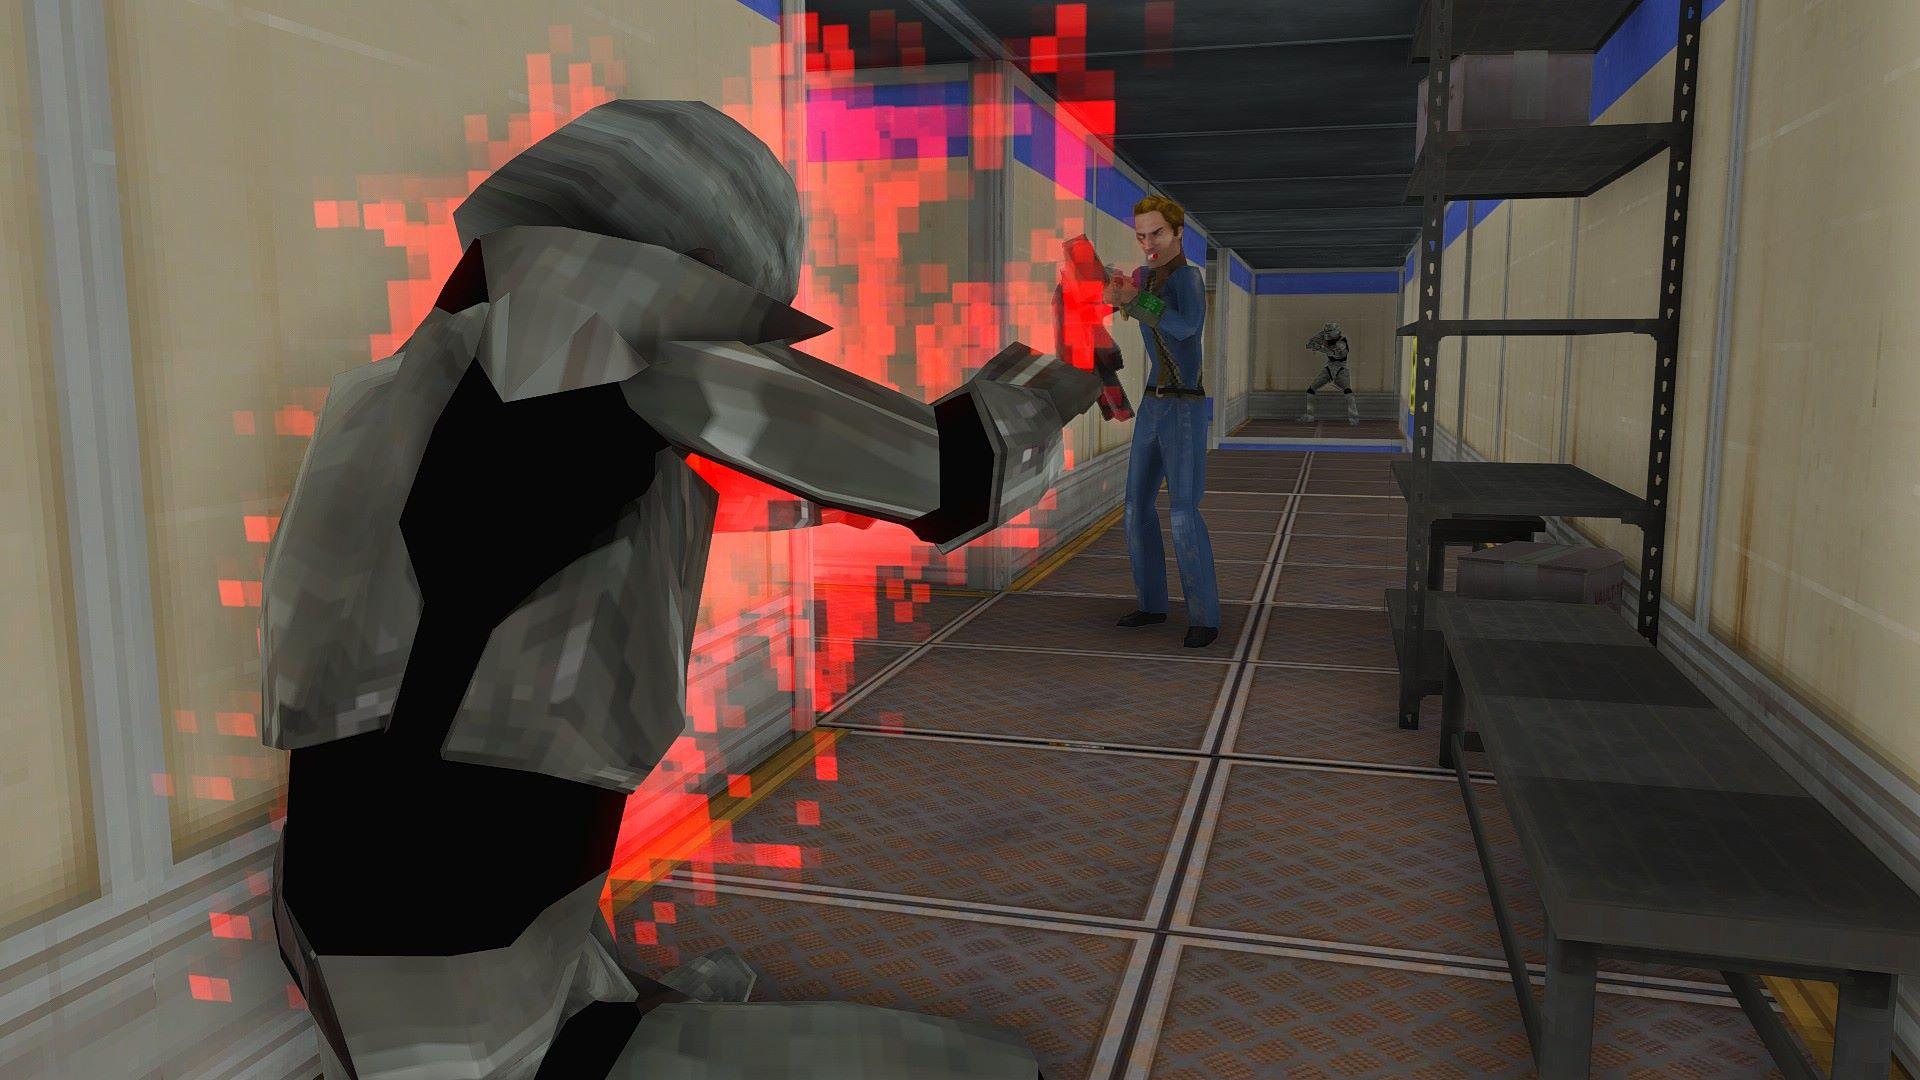 mod-fallout-4-juego-luzca-shooter-la-decada-los-90-frikigamers.com